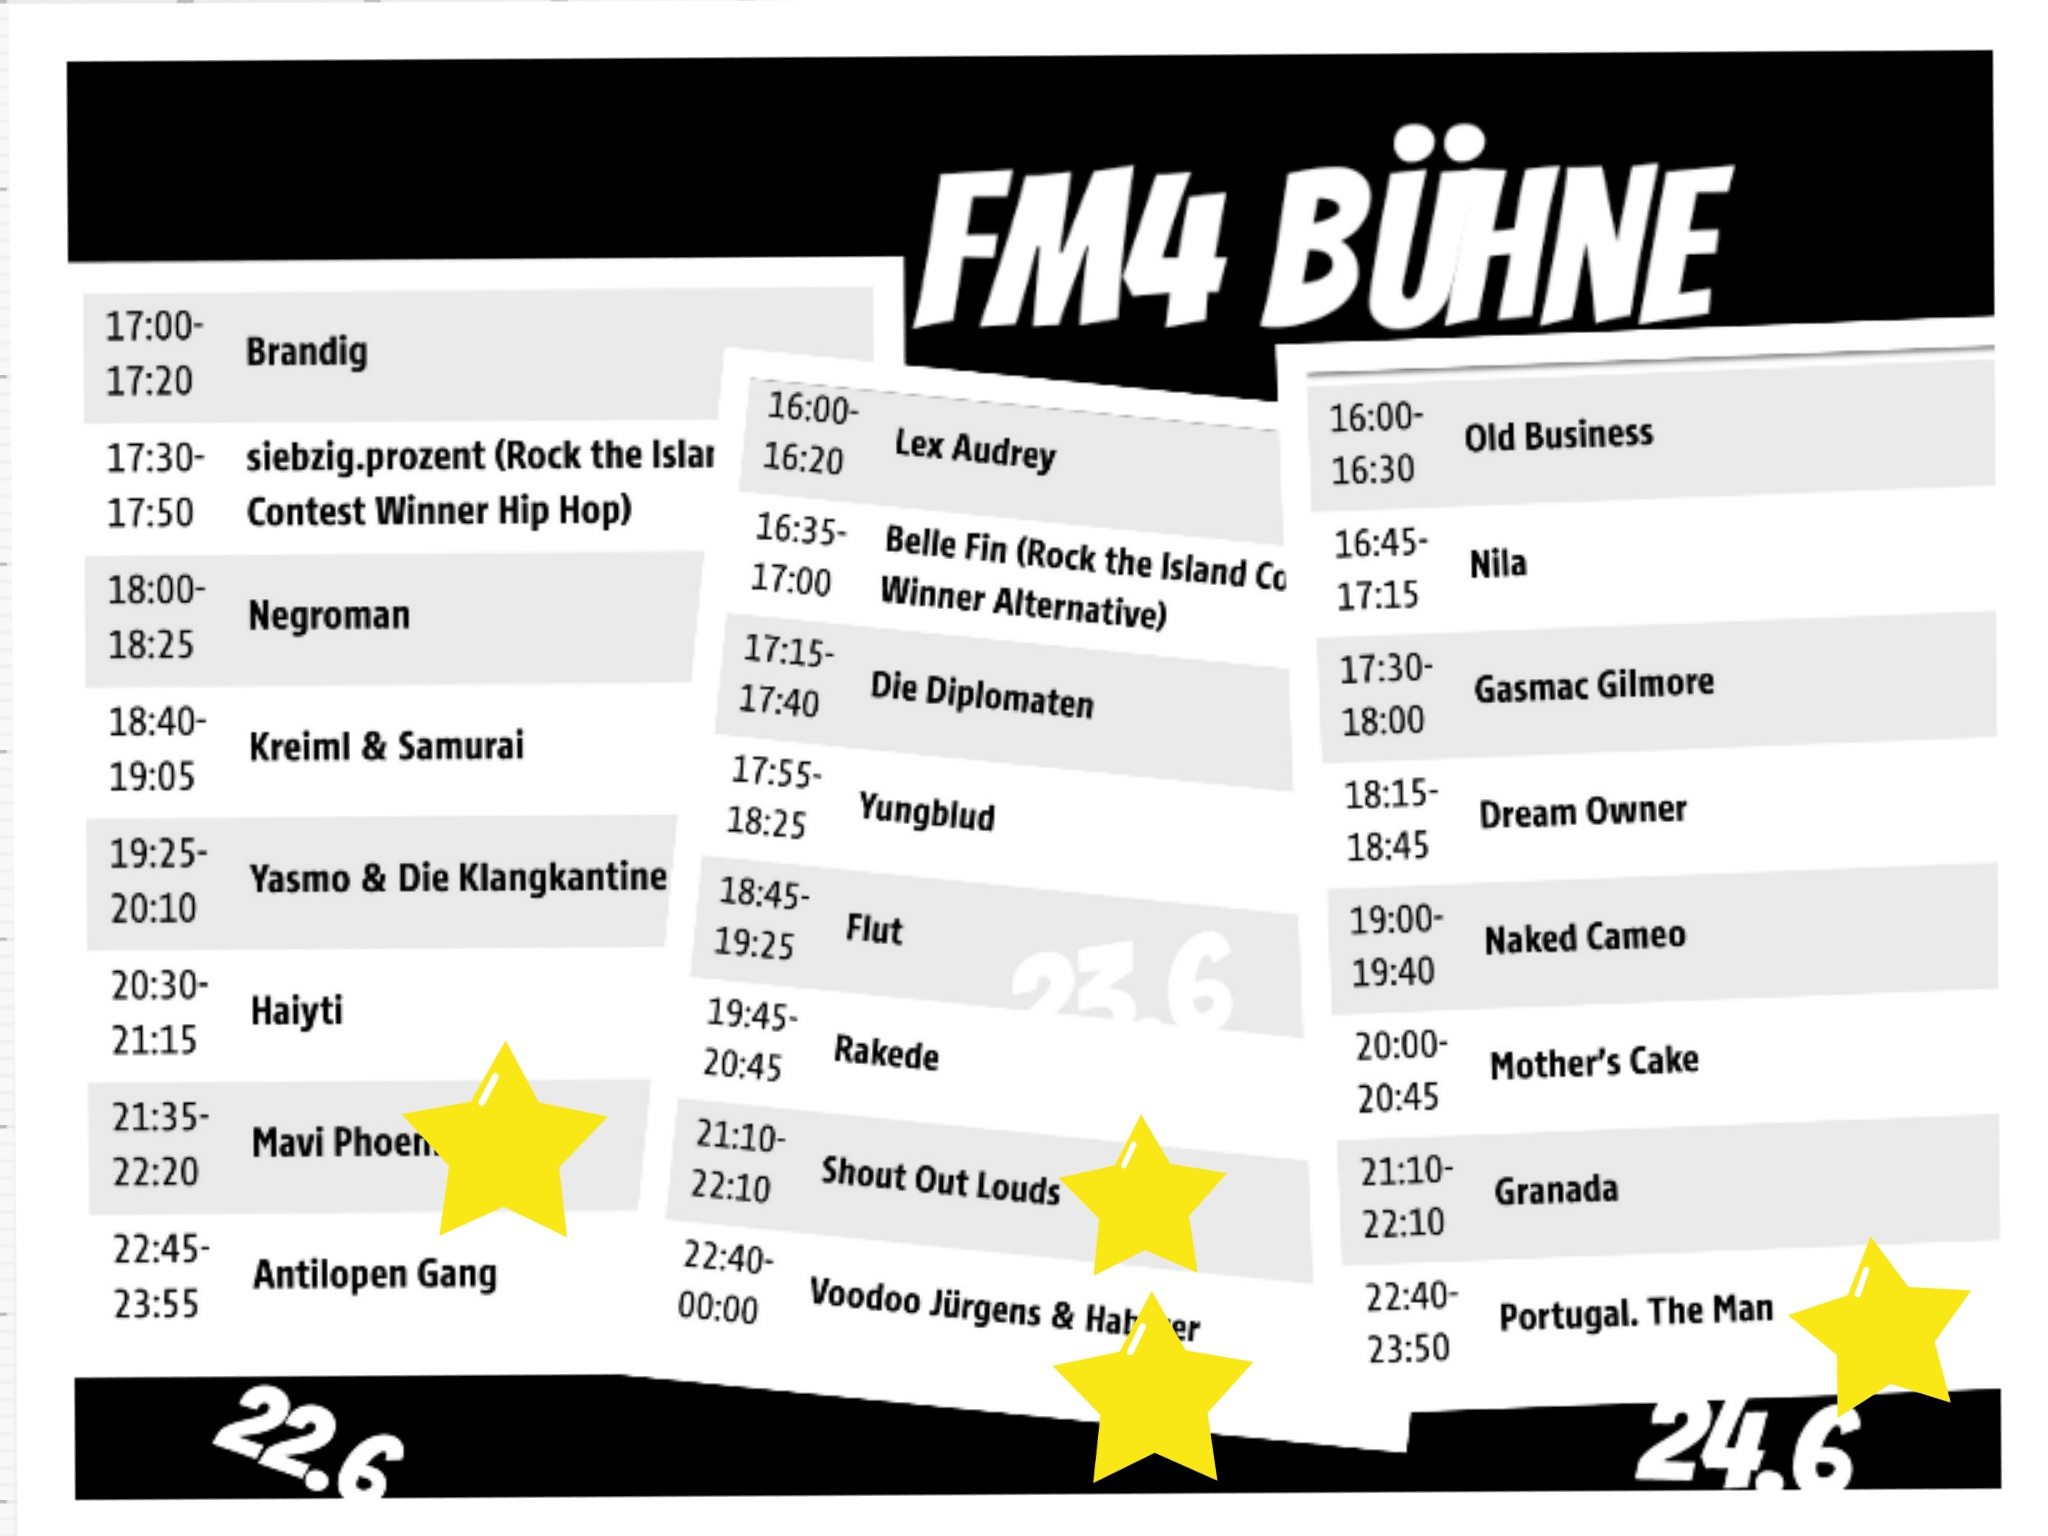 Das Programm der FM 4 Bühne, Donauinselfest 2018, Collage (c) Andrea Pickl